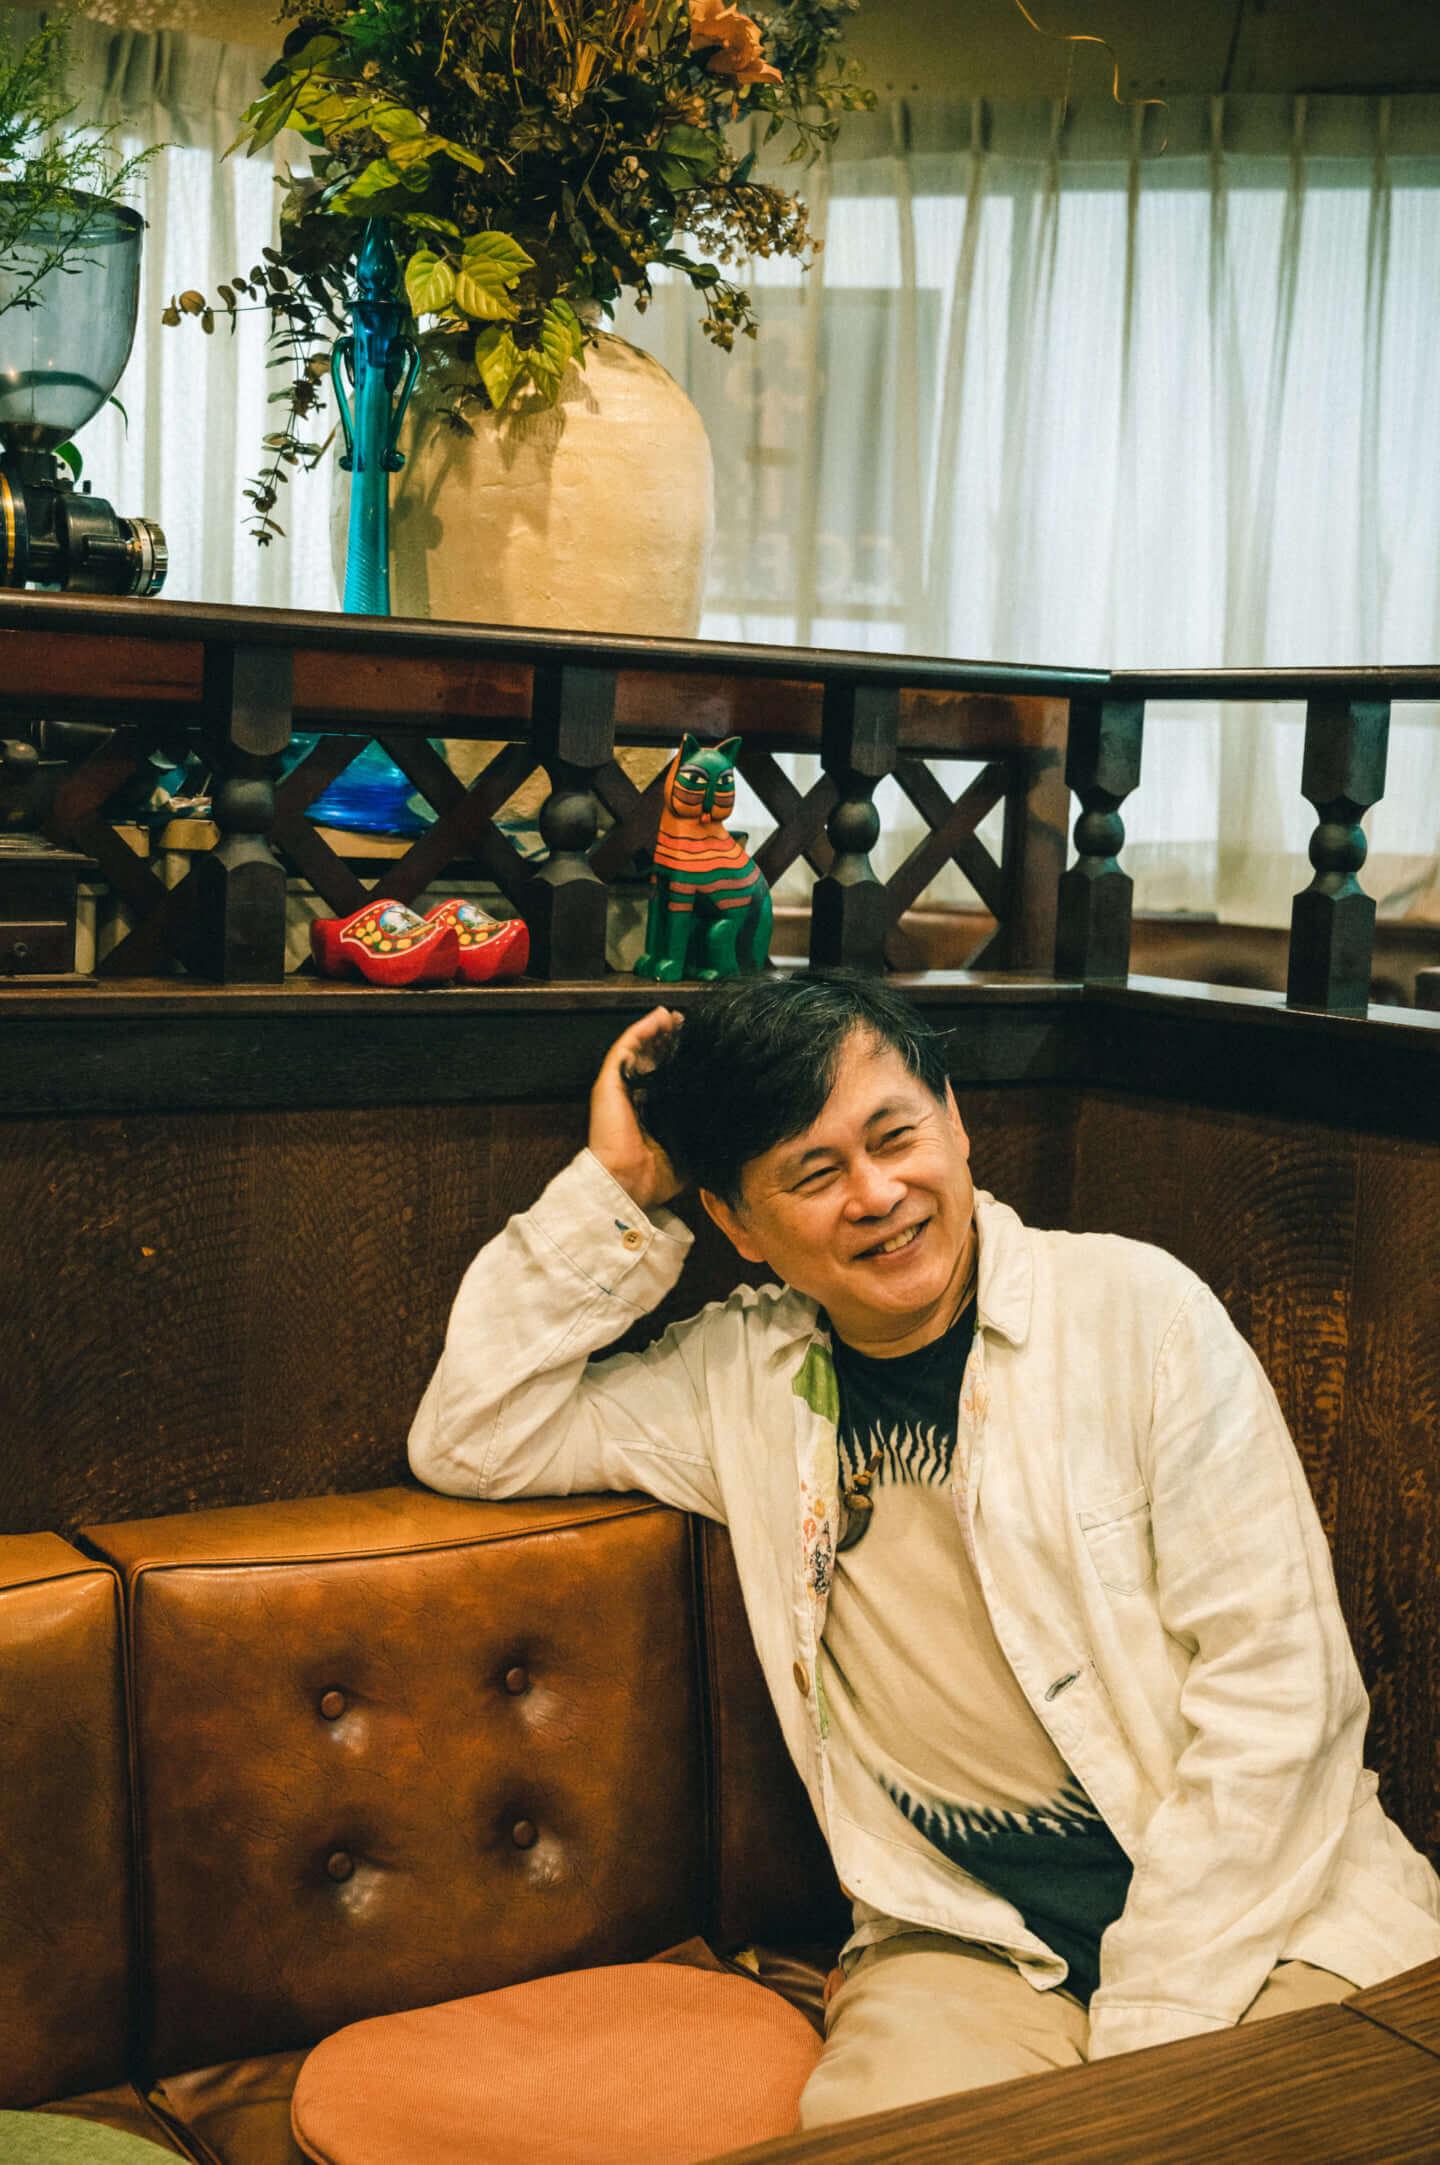 ヒカシュー40周年を経て巻上公一が語る「世界をめぐる活動意義」。初フェス熱海未来音楽祭についても! interview190917_hikashu_makigami_62000-fix-1440x2165